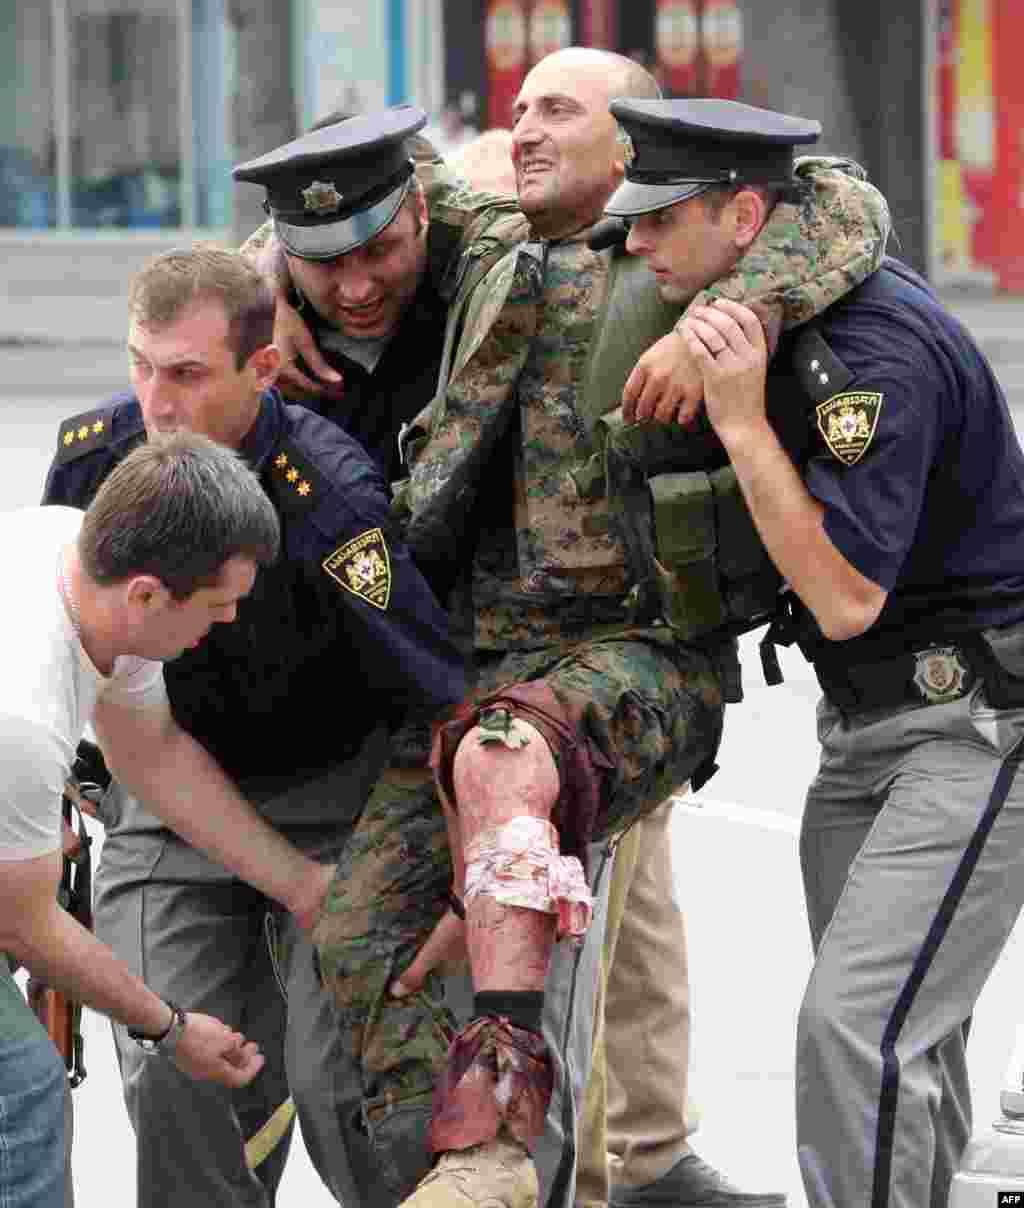 Полицейские оказывают помощь грузинскому солдату, раненому в бою с южноосетинскими сепаратистами в Гори. 8 августа 2008 года.